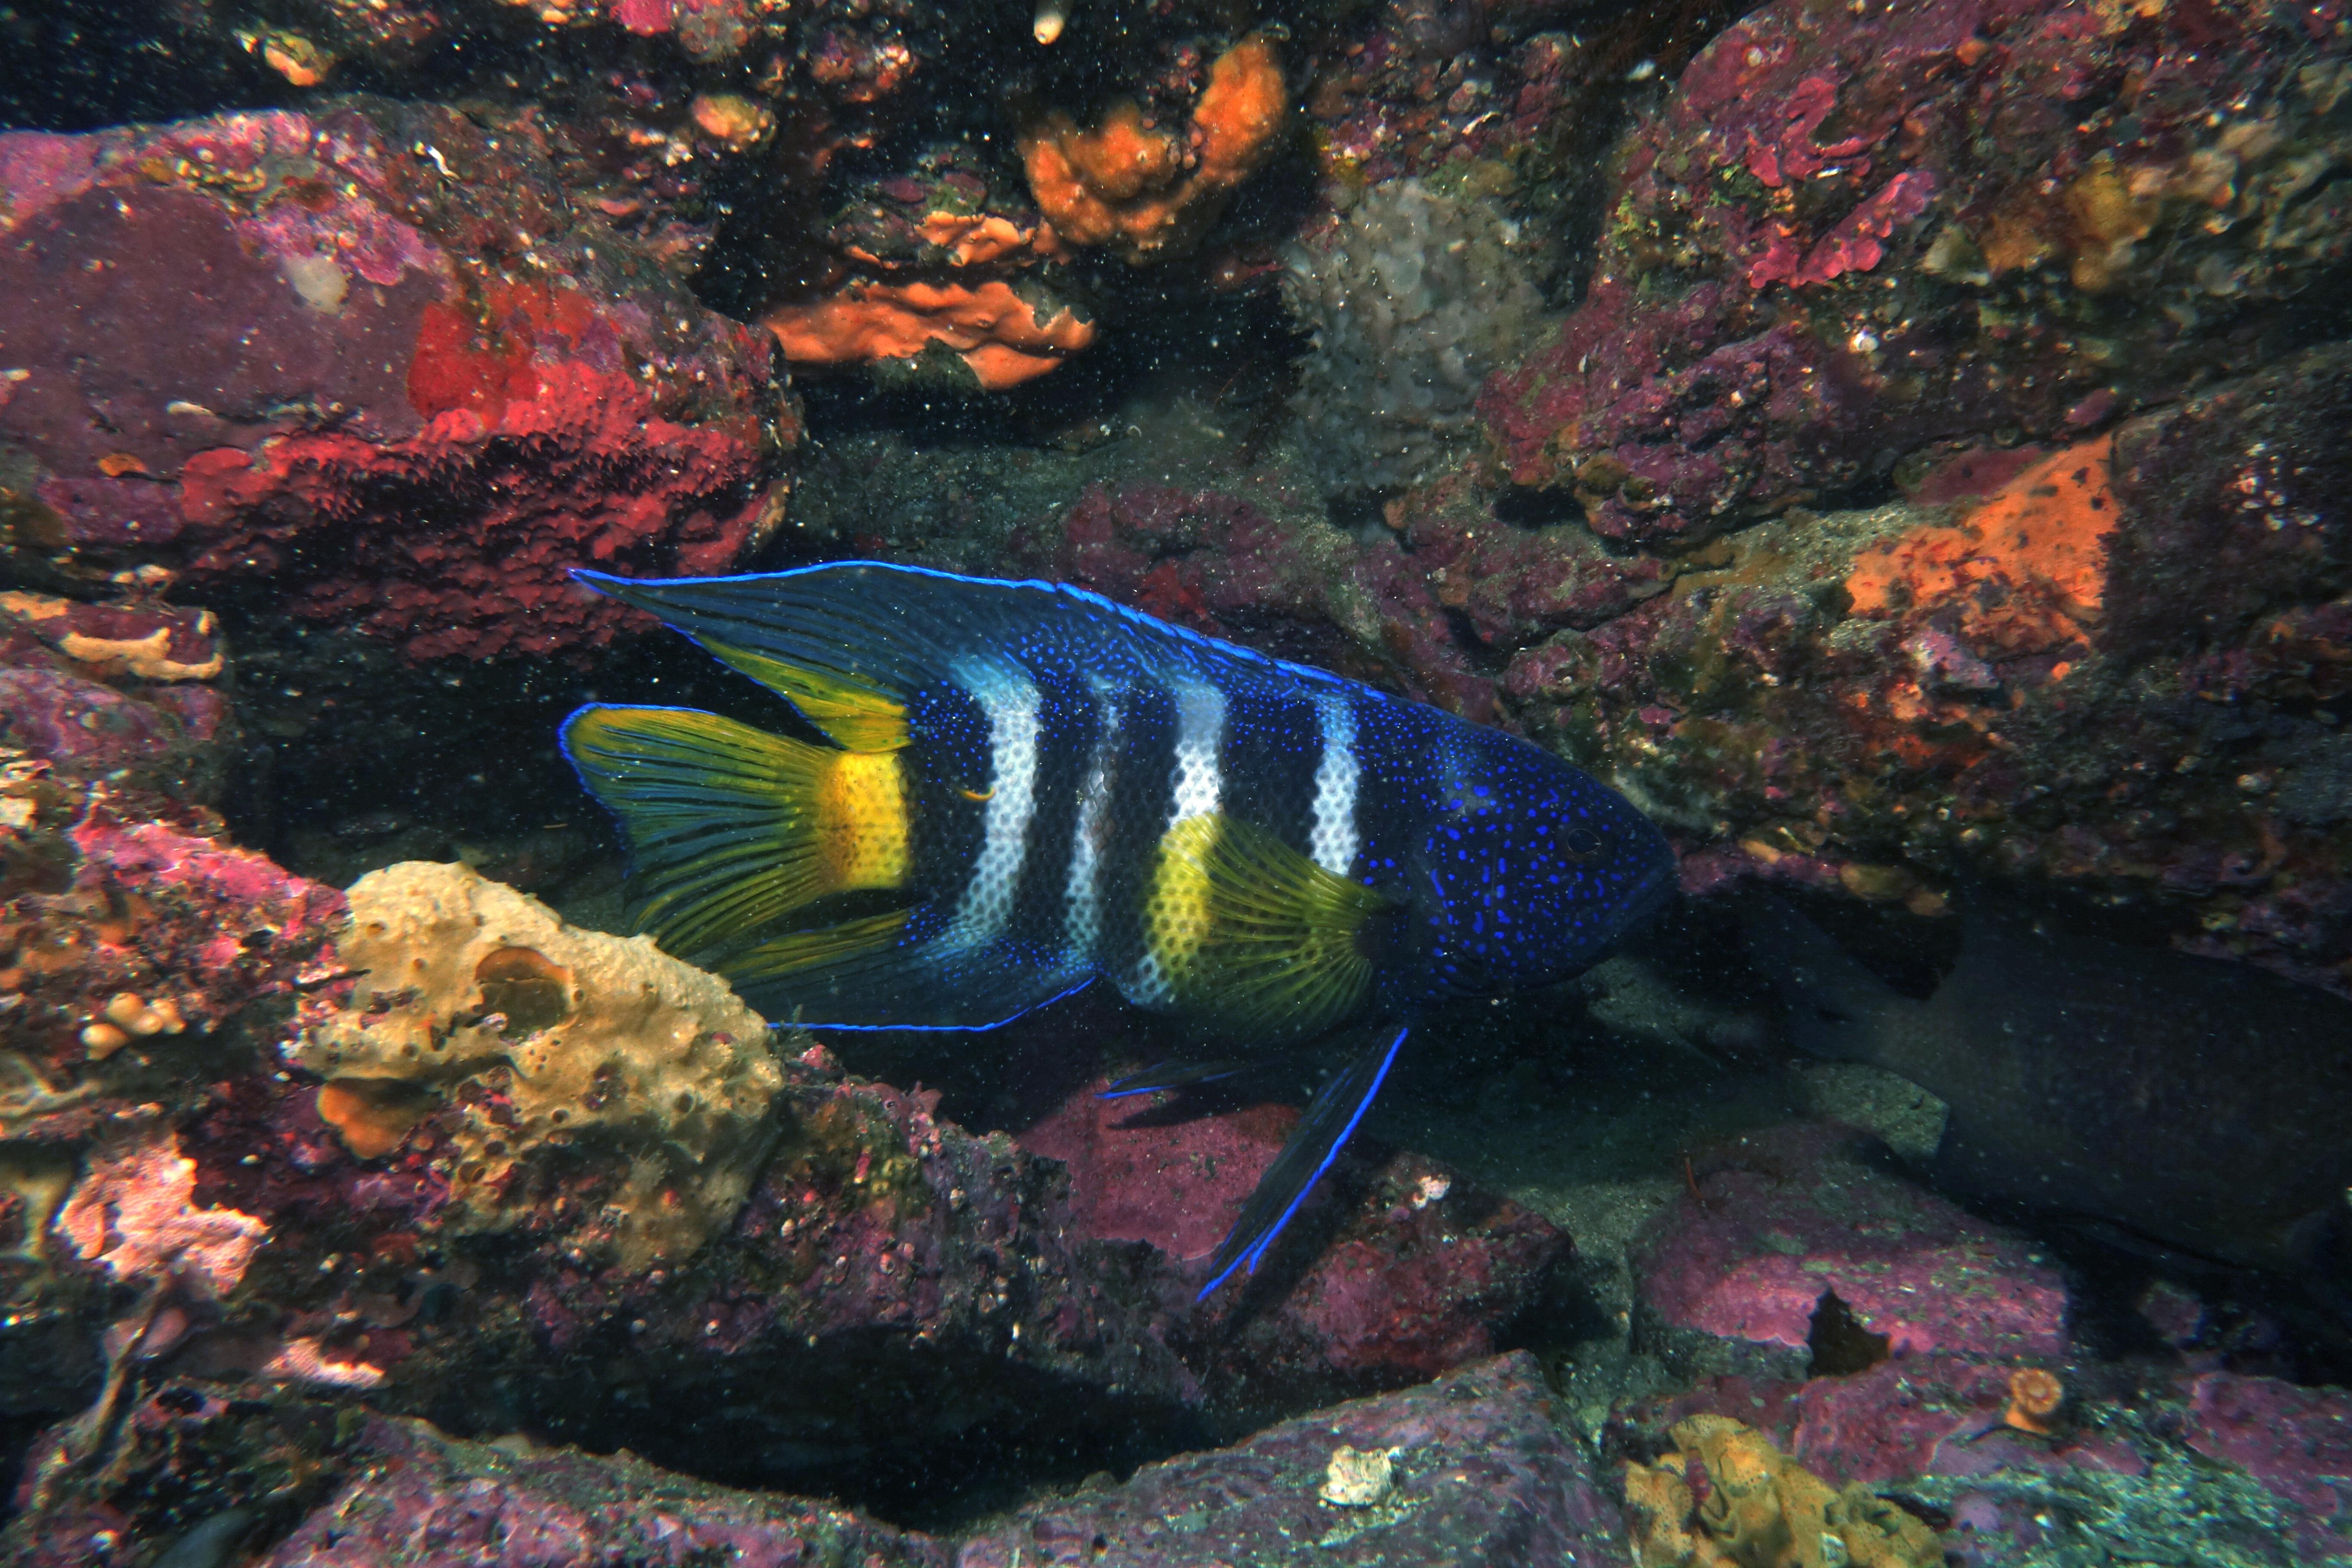 Image of Eastern Blue Devil